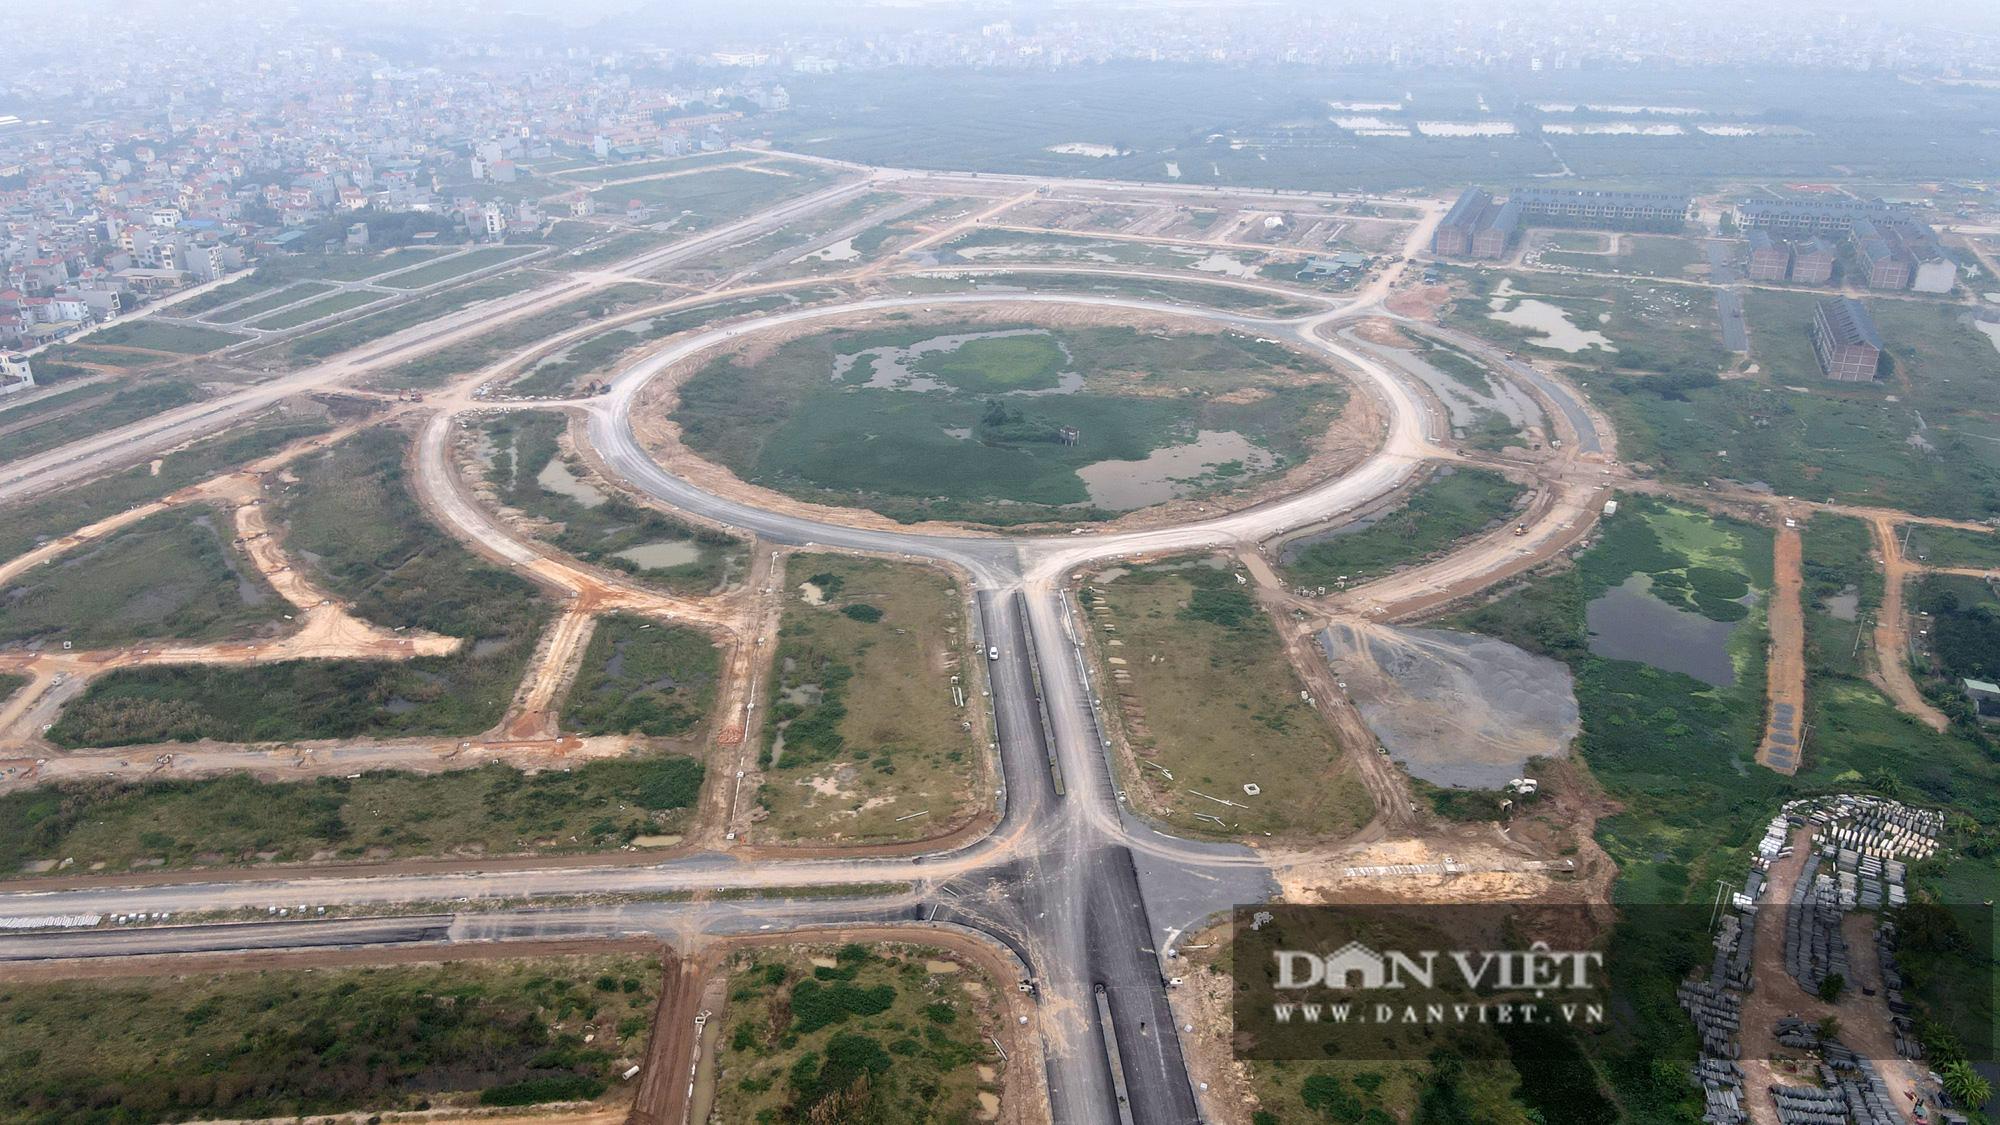 Cận cảnh dự án Kim Chung – Di Trạch ồ ạt rao bán khi nợ thuế, chưa xong hạ tầng - Ảnh 1.